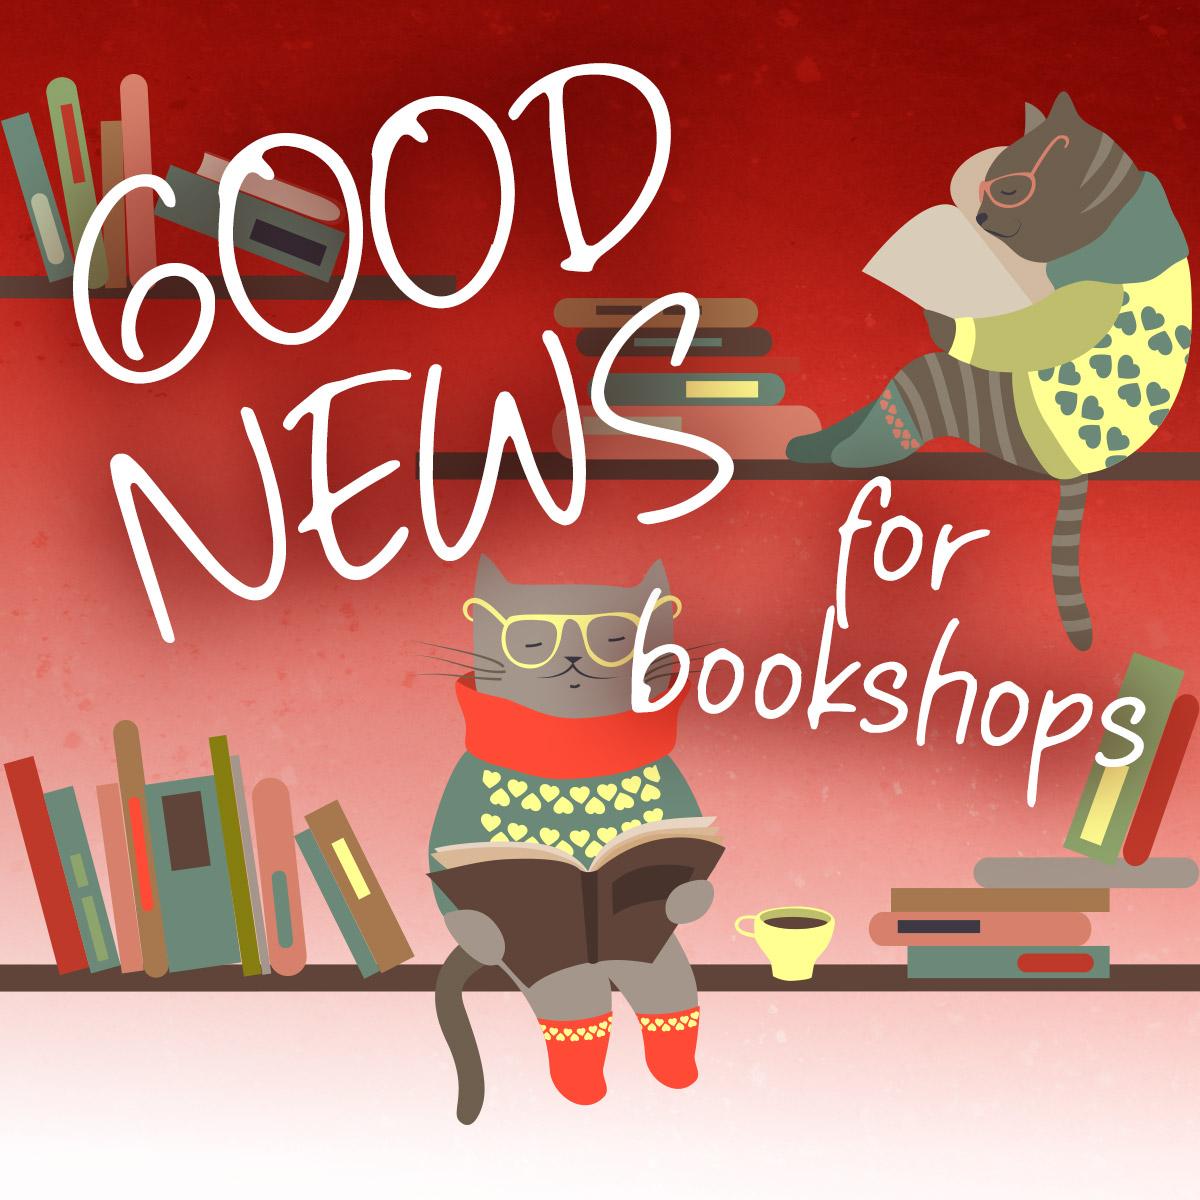 Good News for Bookshops